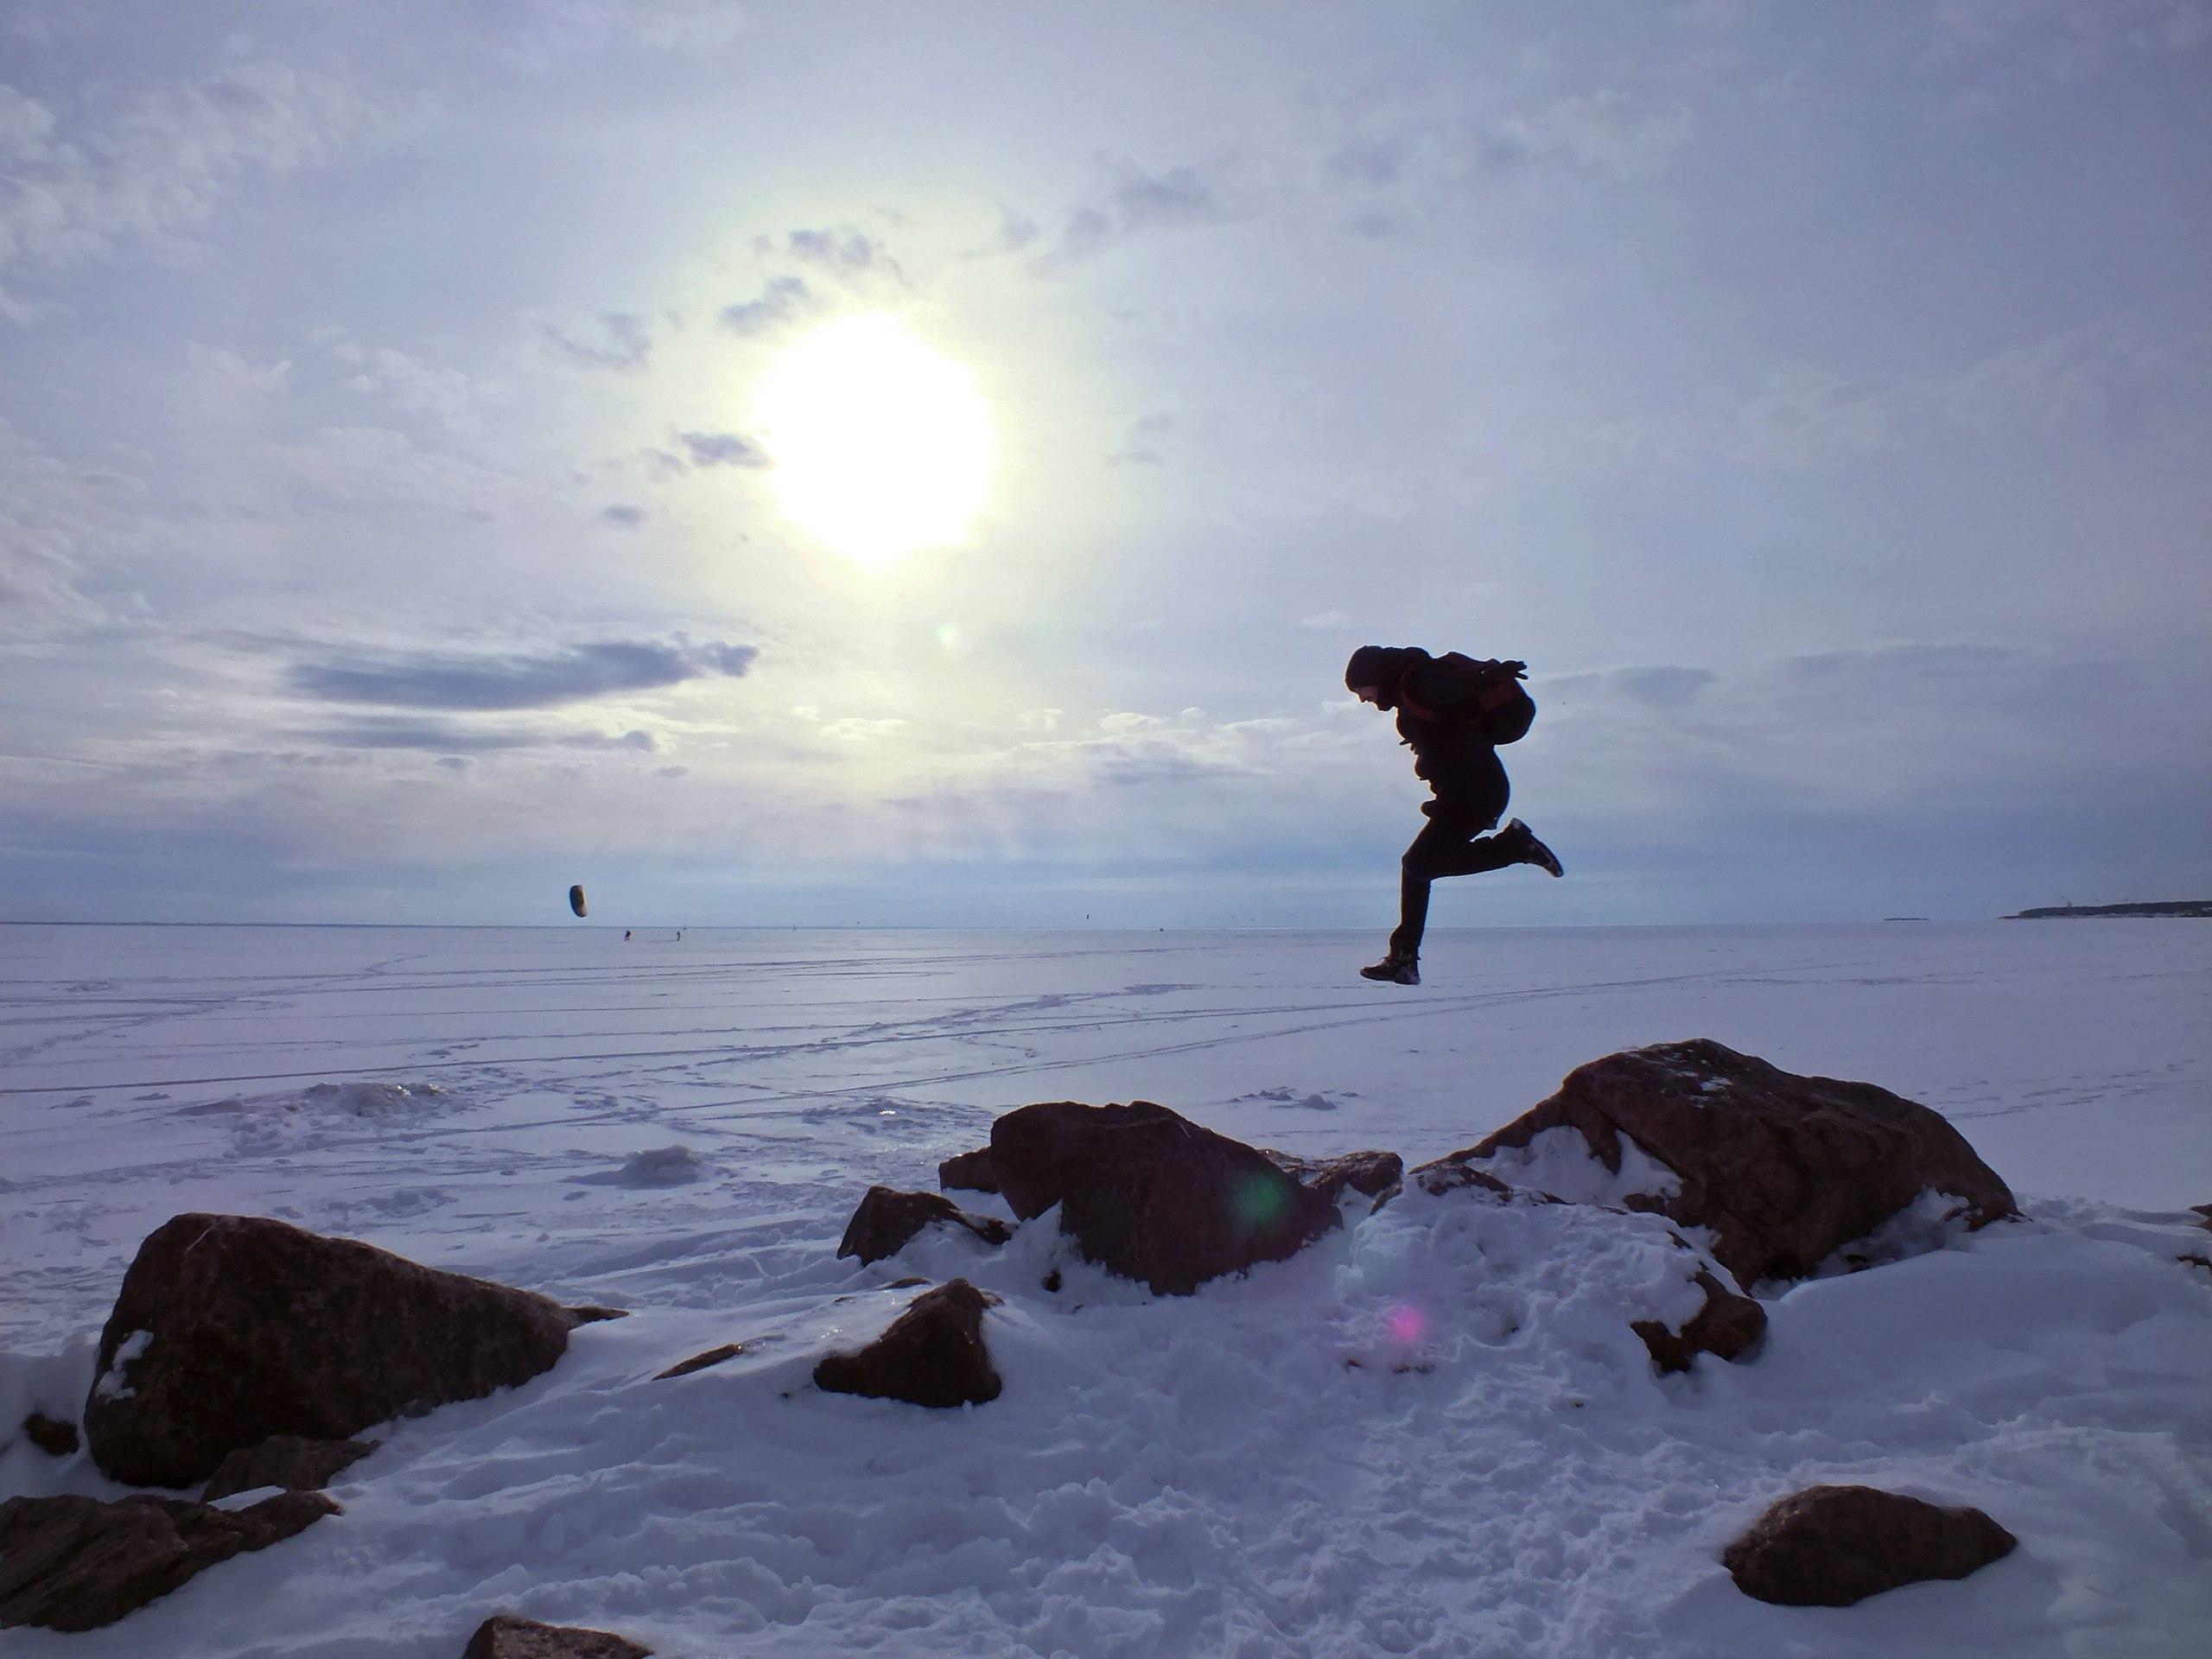 Прыжок в снежную бездну. Блиц: здравствуй, зима!